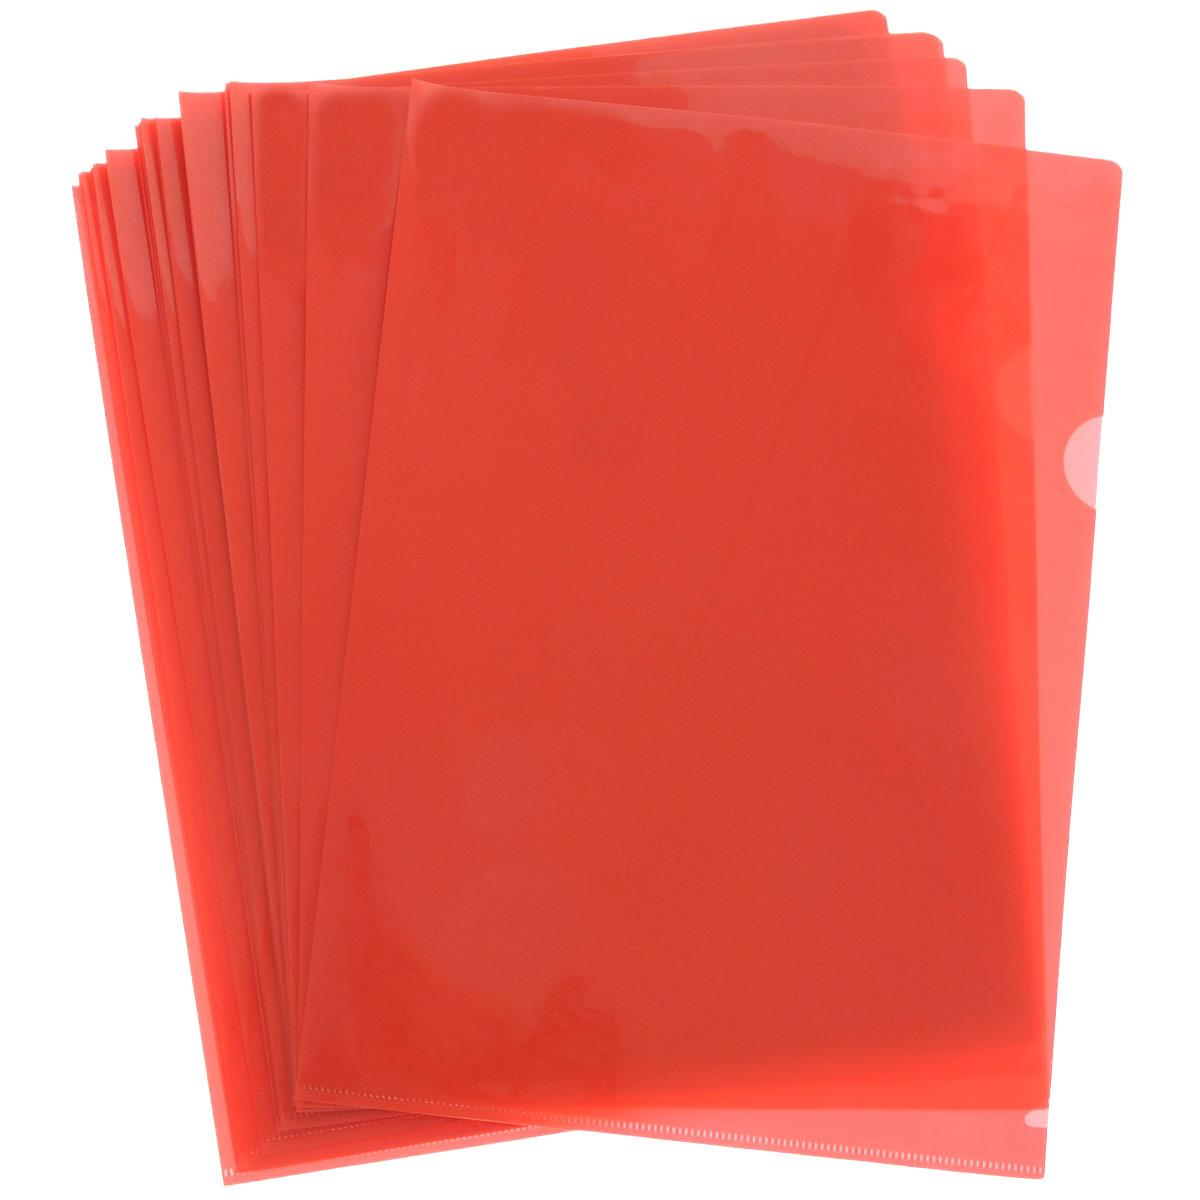 Sponsor Папка-уголок цвет красный 20 штSF208-2/RD/RПапка-уголок Sponsor, изготовленная из высококачественного полипропилена - это удобный и практичный офисный инструмент, предназначенный для хранения и транспортировки рабочих бумаг и документов формата А4. Полупрозрачная глянцевая папка имеет опрятный и неброский вид. В наборе - 20 папок. Папка-уголок - это незаменимый атрибут для студента, школьника, офисного работника. Такая папка надежно сохранит ваши документы и сбережет их от повреждений, пыли и влаги.